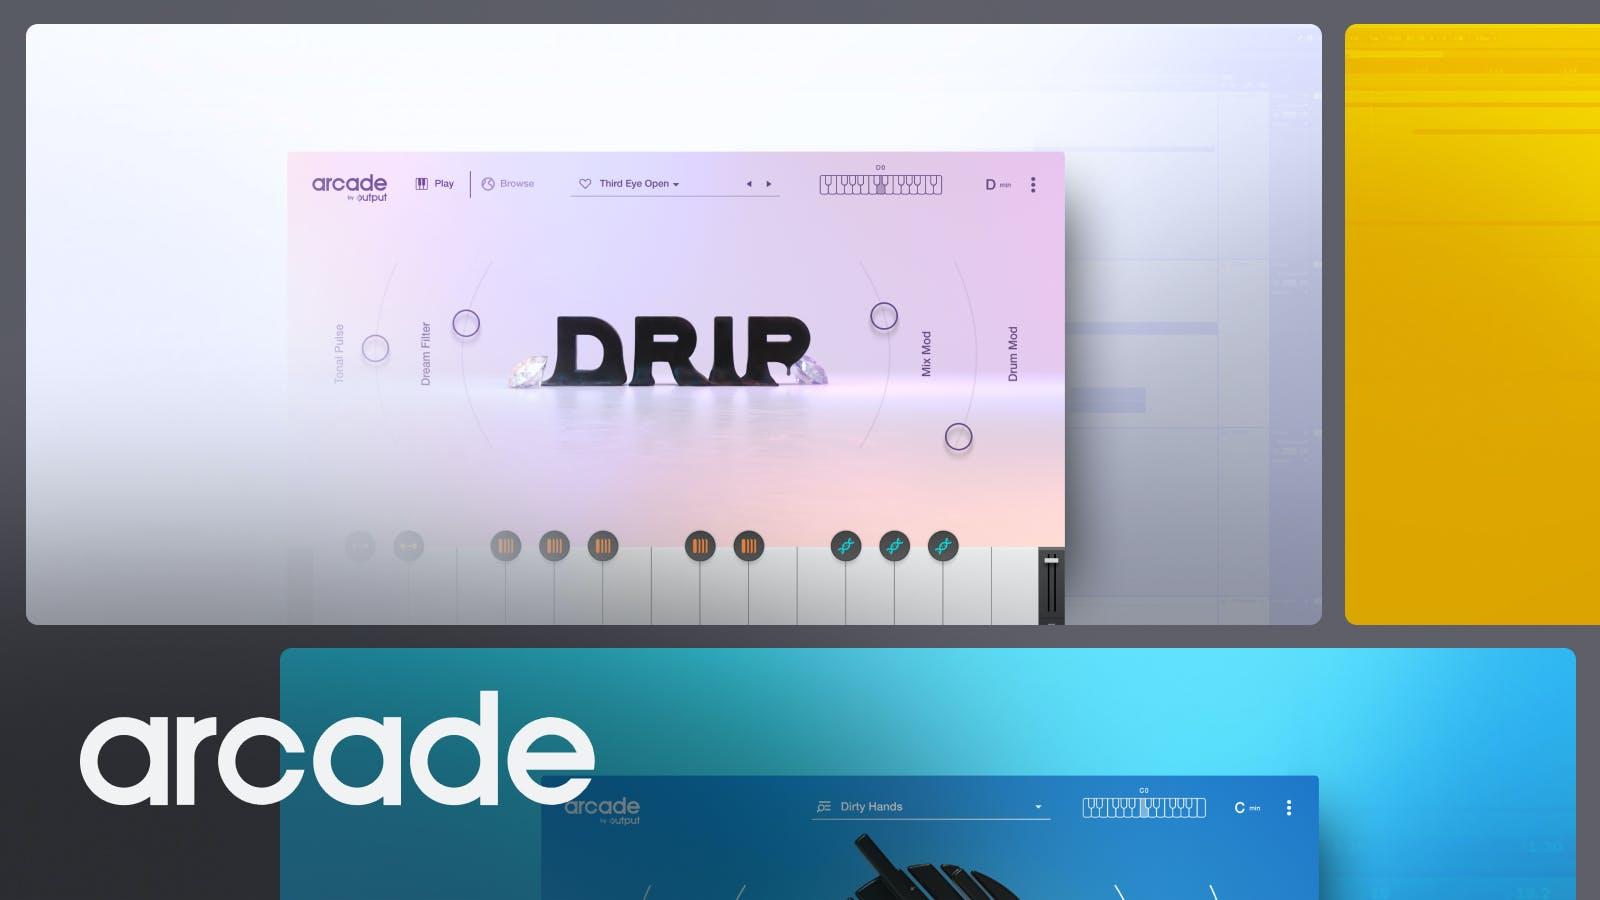 Drip ARCADE Line for hip-hop samples